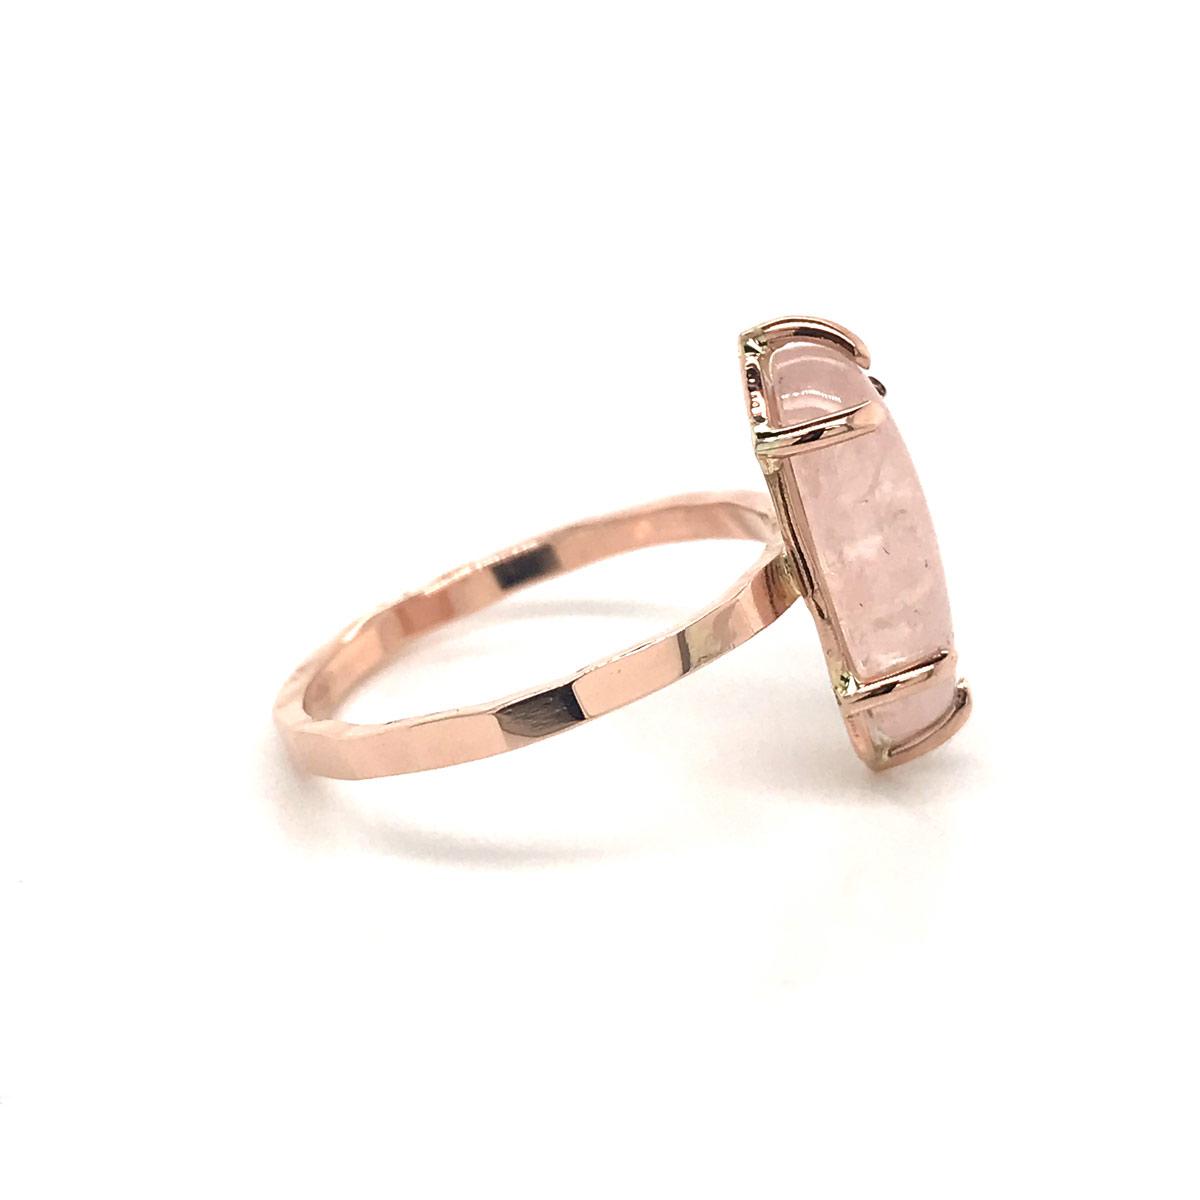 Mettle 14k Rose Gold Quartz Ring 001 200 00987 14kr Marietta David Douglas Diamonds Jewelry Marietta Ga